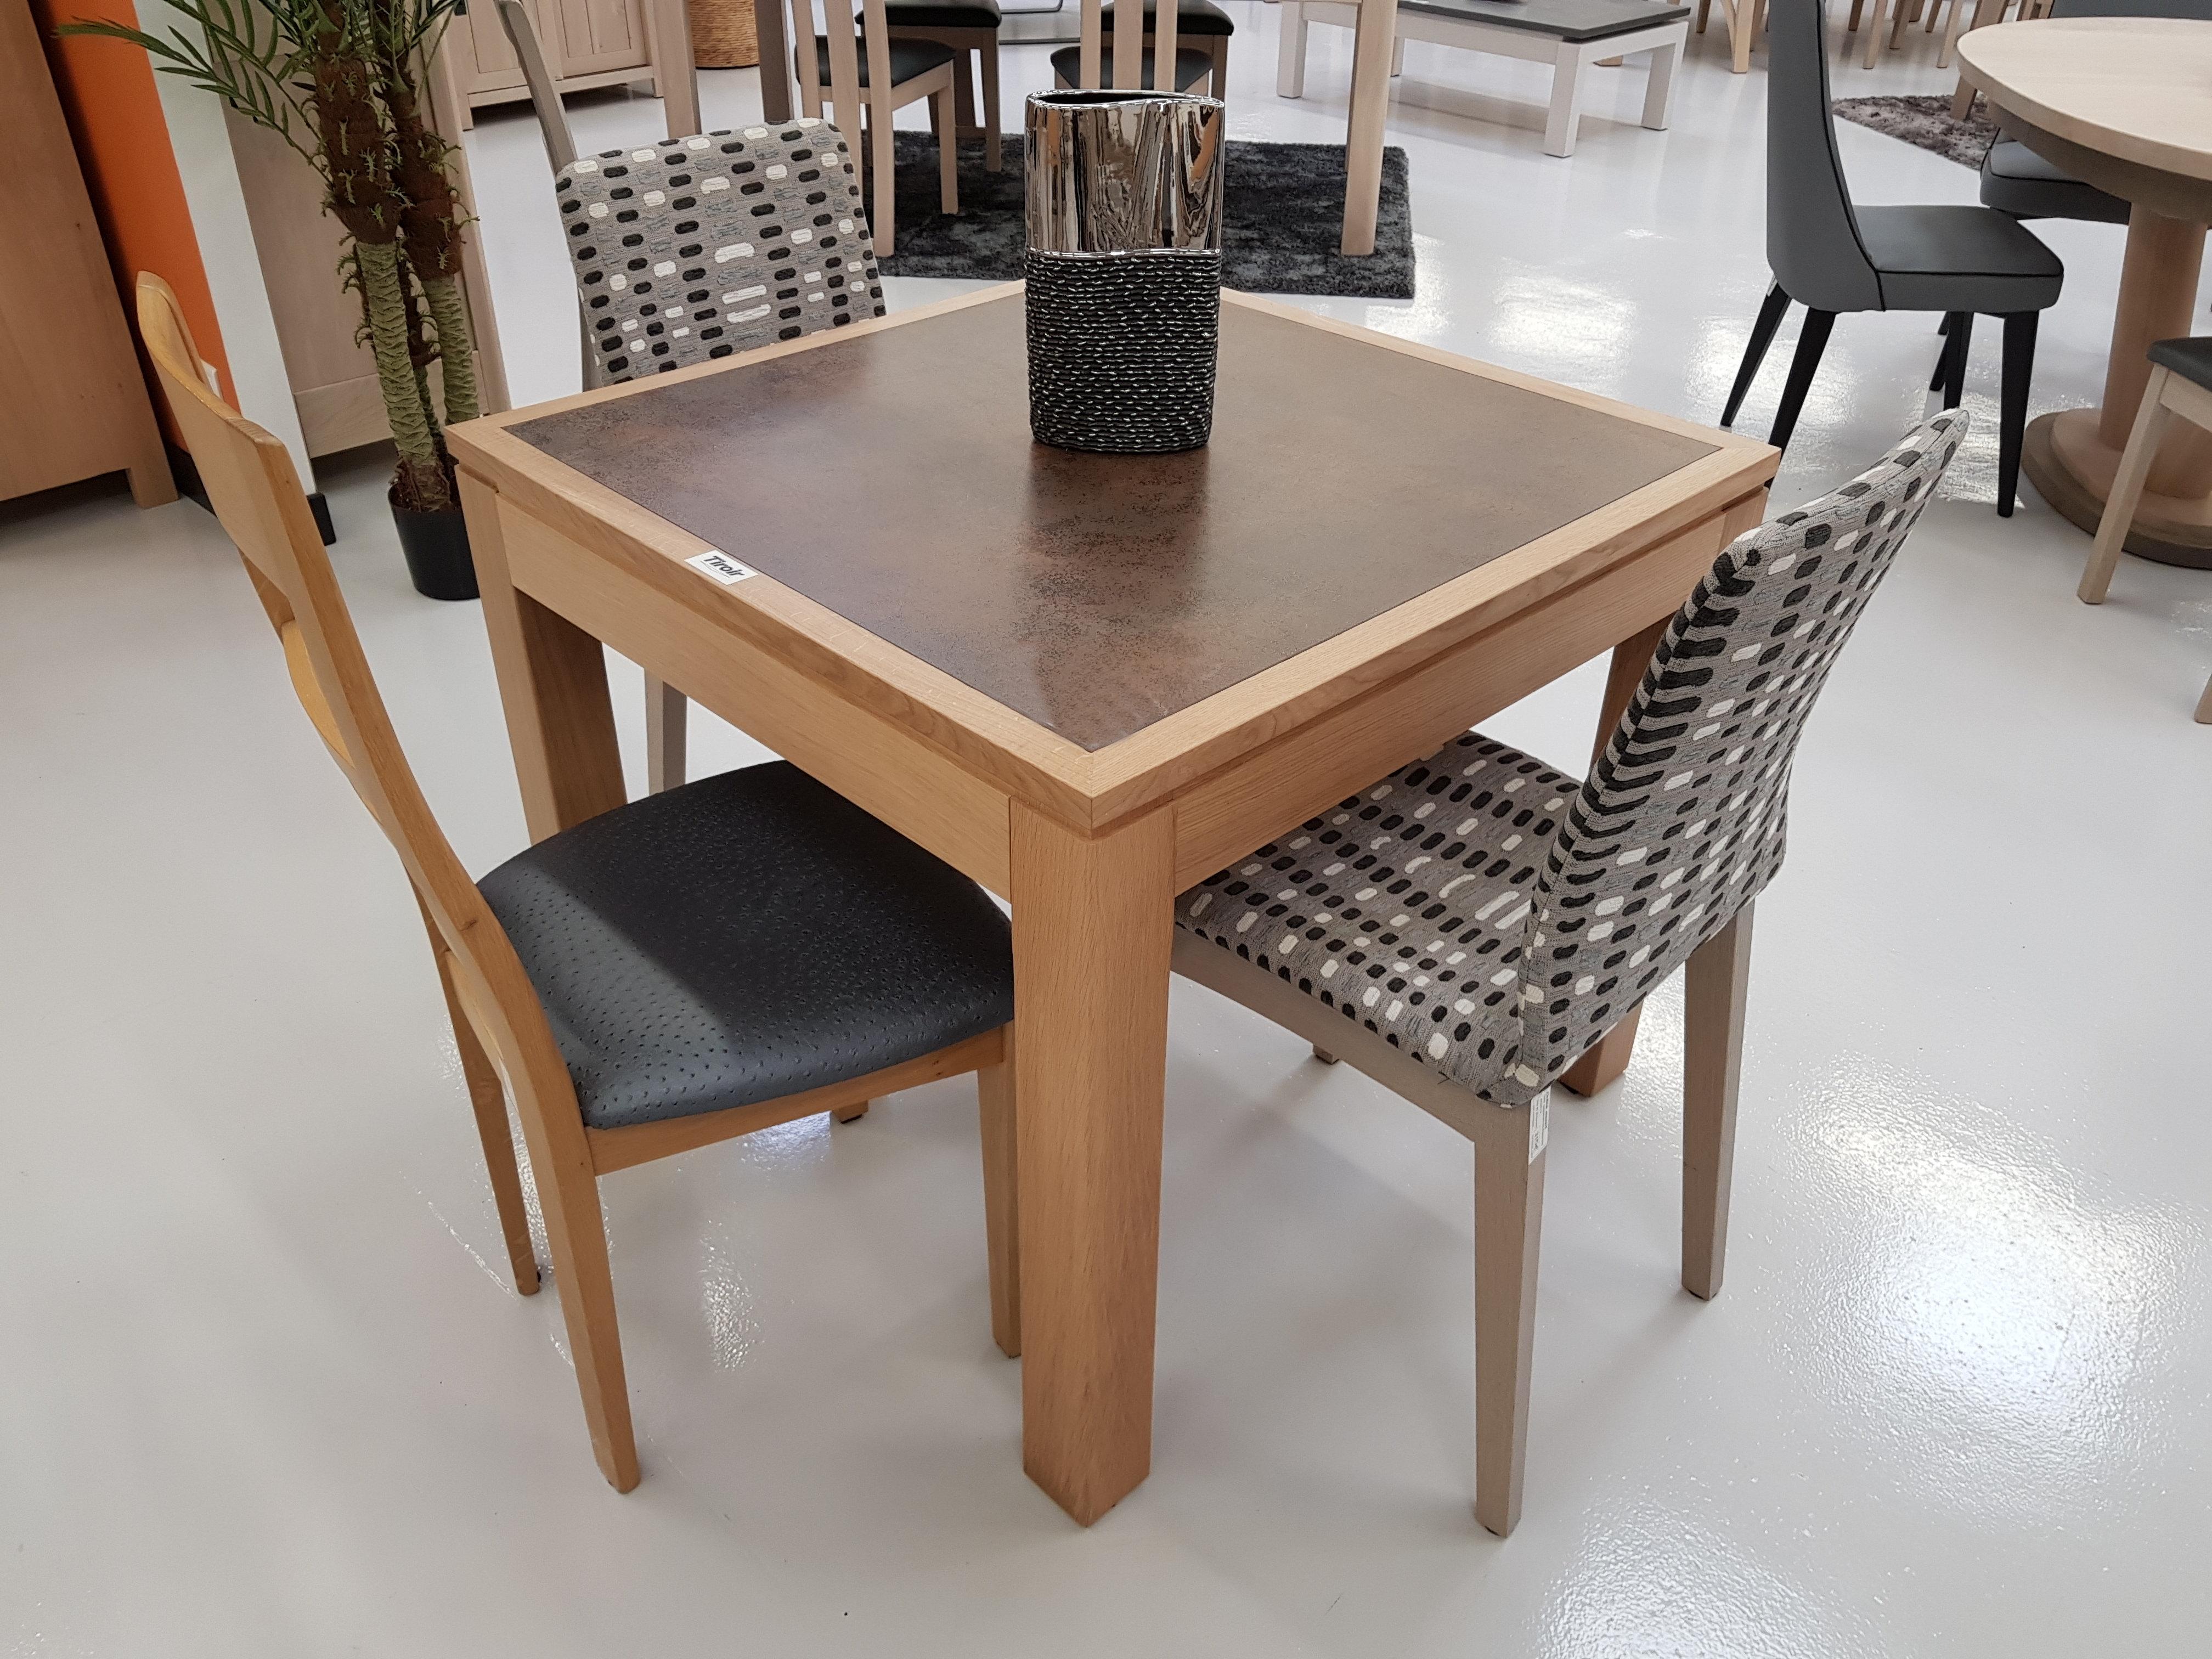 Table Salle A Manger Carré Avec Rallonge table en massif contemporaine moderne bois métal céramique